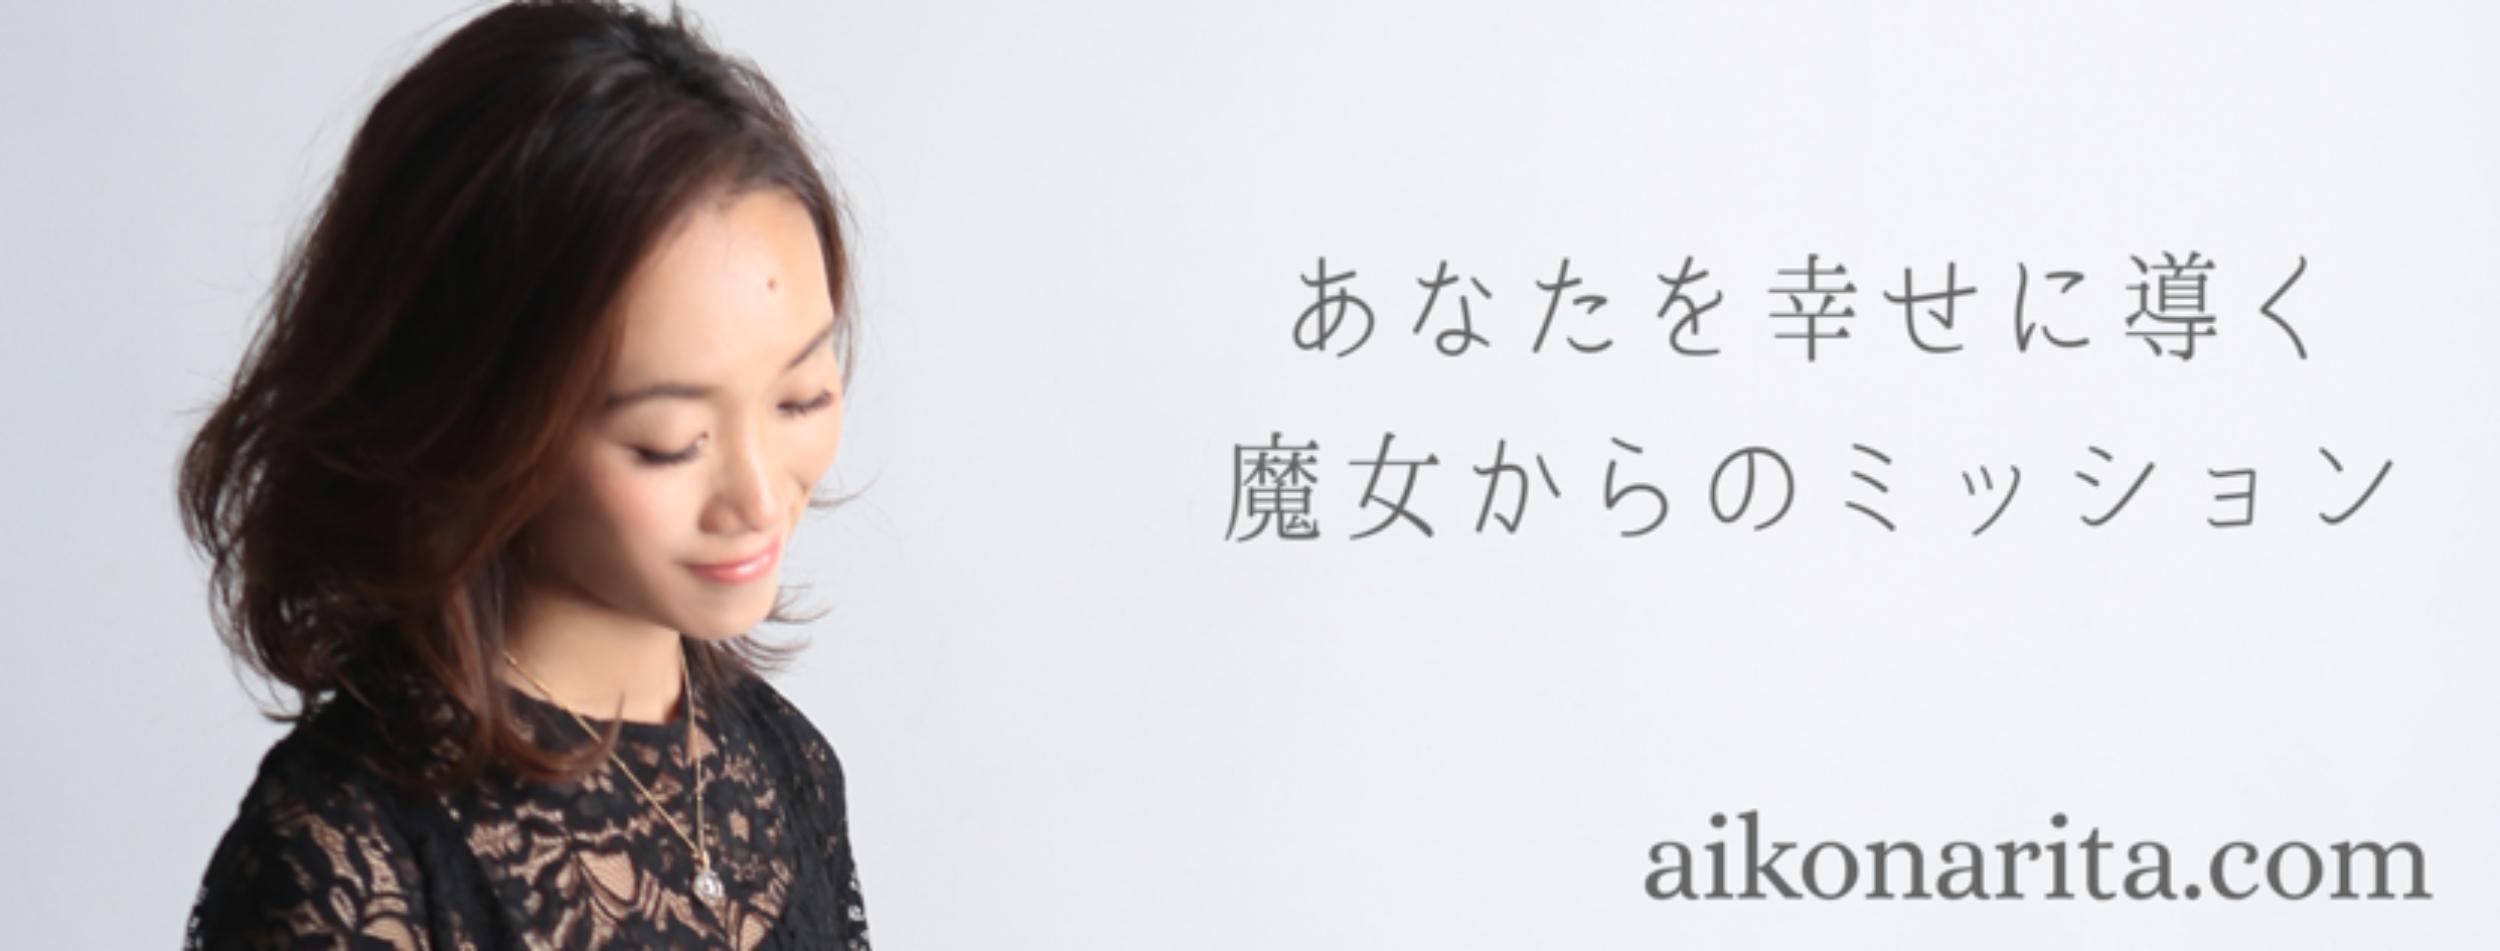 aikonarita.com